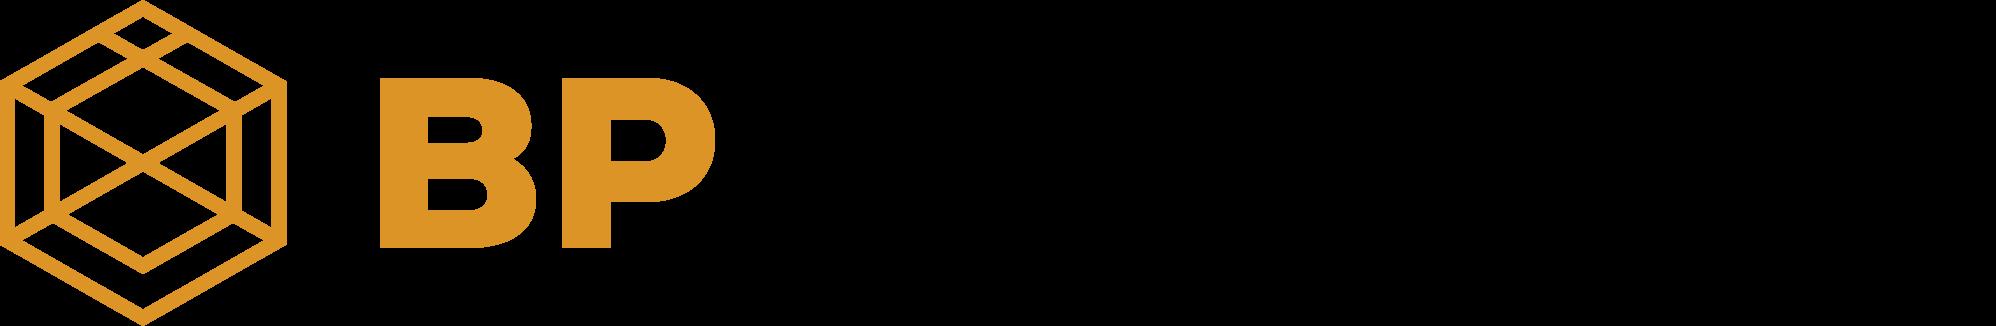 BP Network